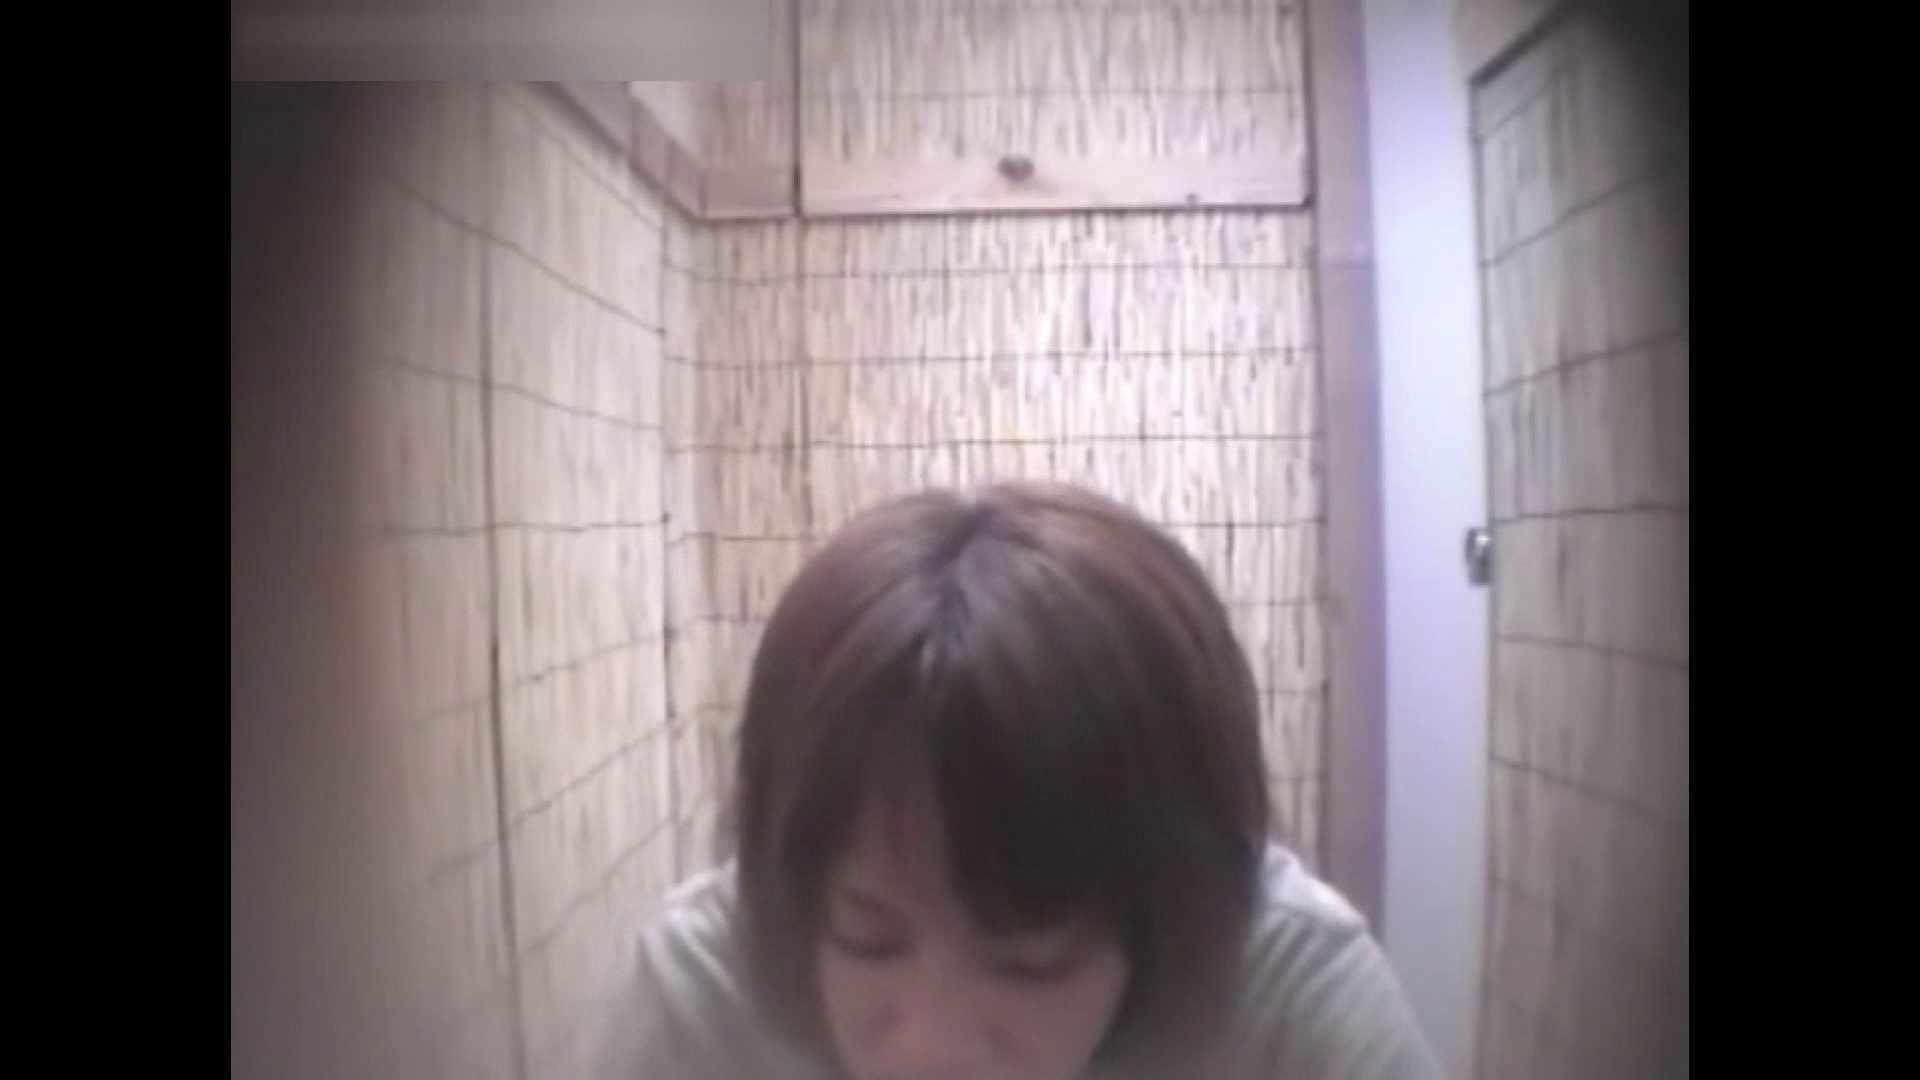 解禁!海の家4カメ洗面所vol.40 人気シリーズ えろ無修正画像 105PIX 47